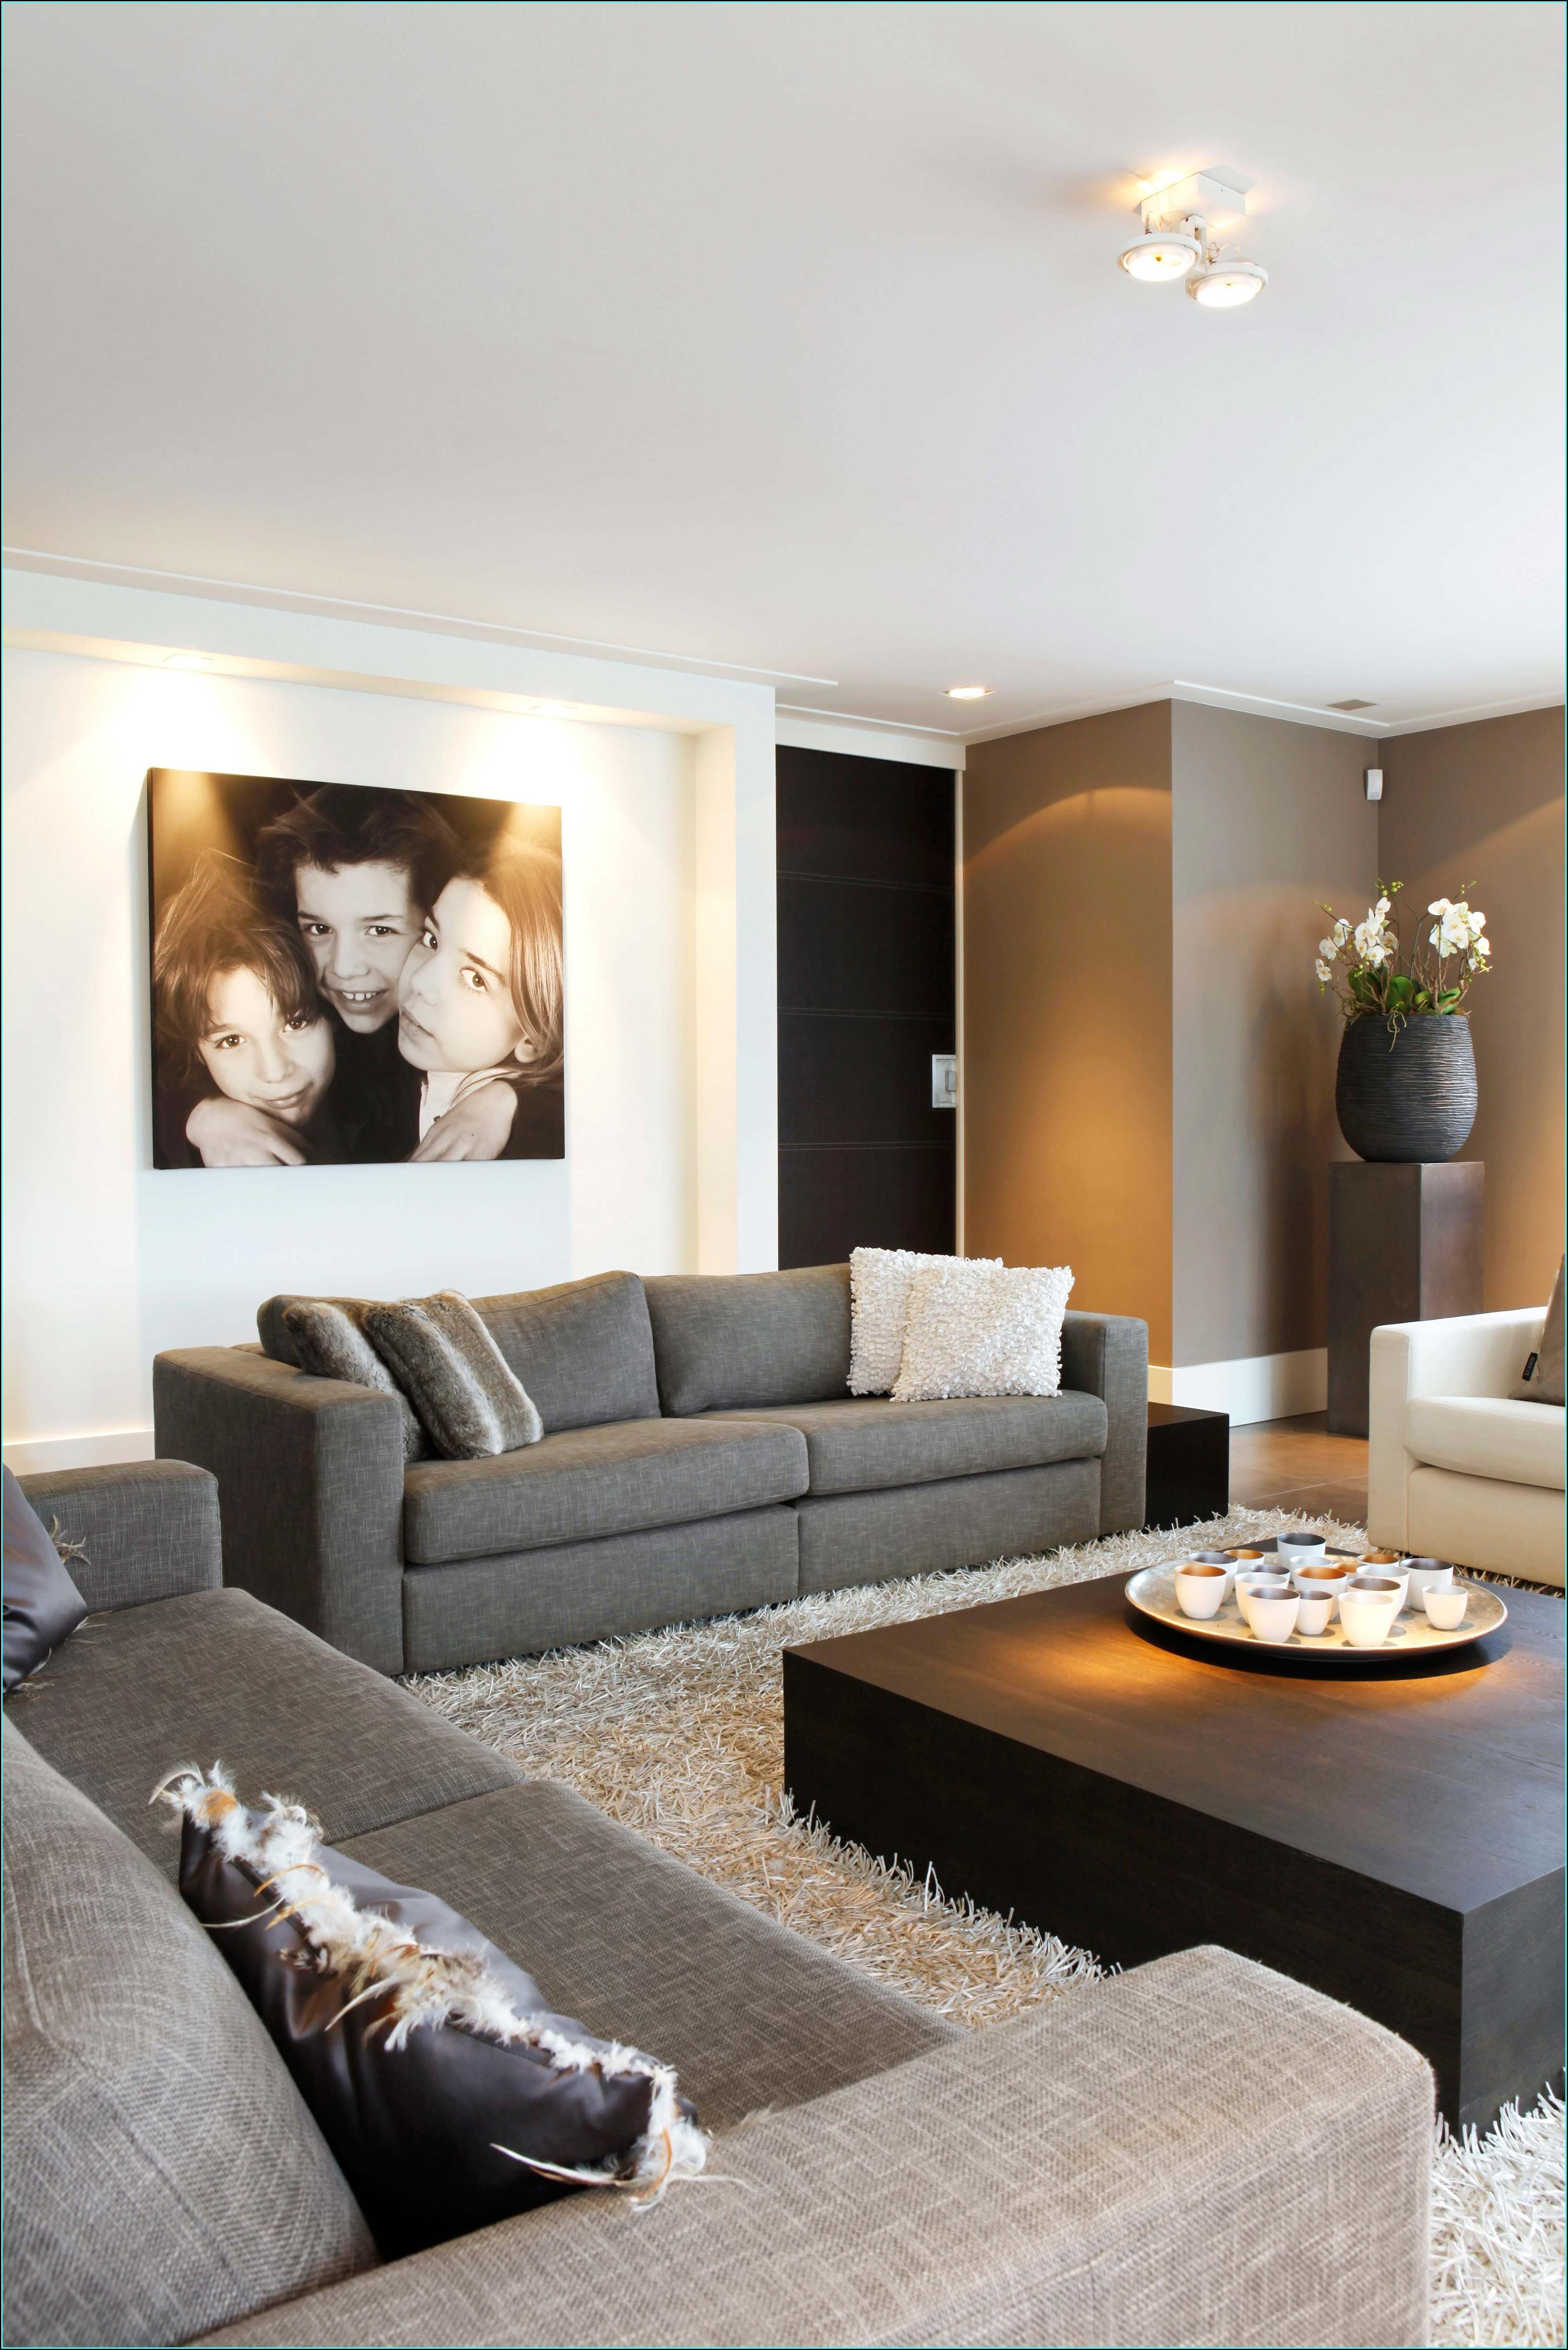 Innenarchitektur Ideen Wohnzimmer - wohnzimmer : House und ...